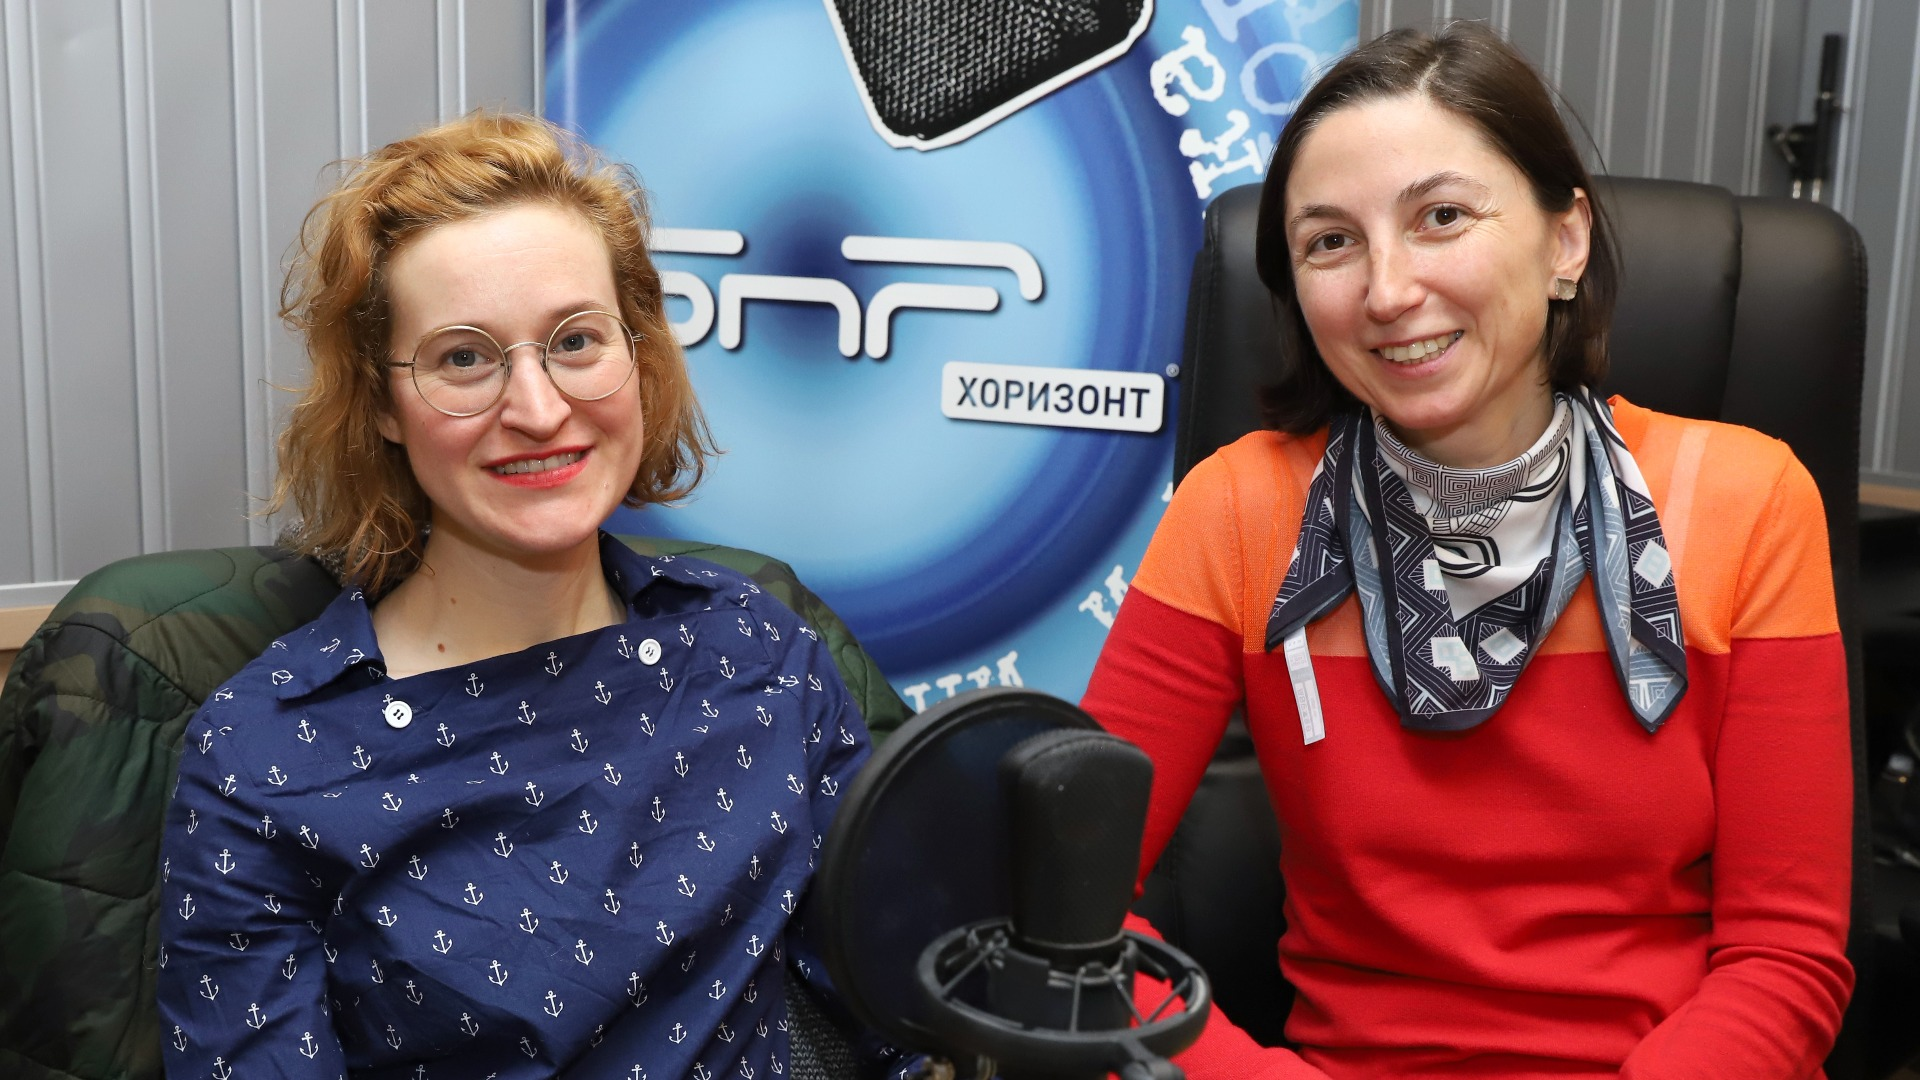 Йохана Шварцова (л.) и Дагмар Остранска